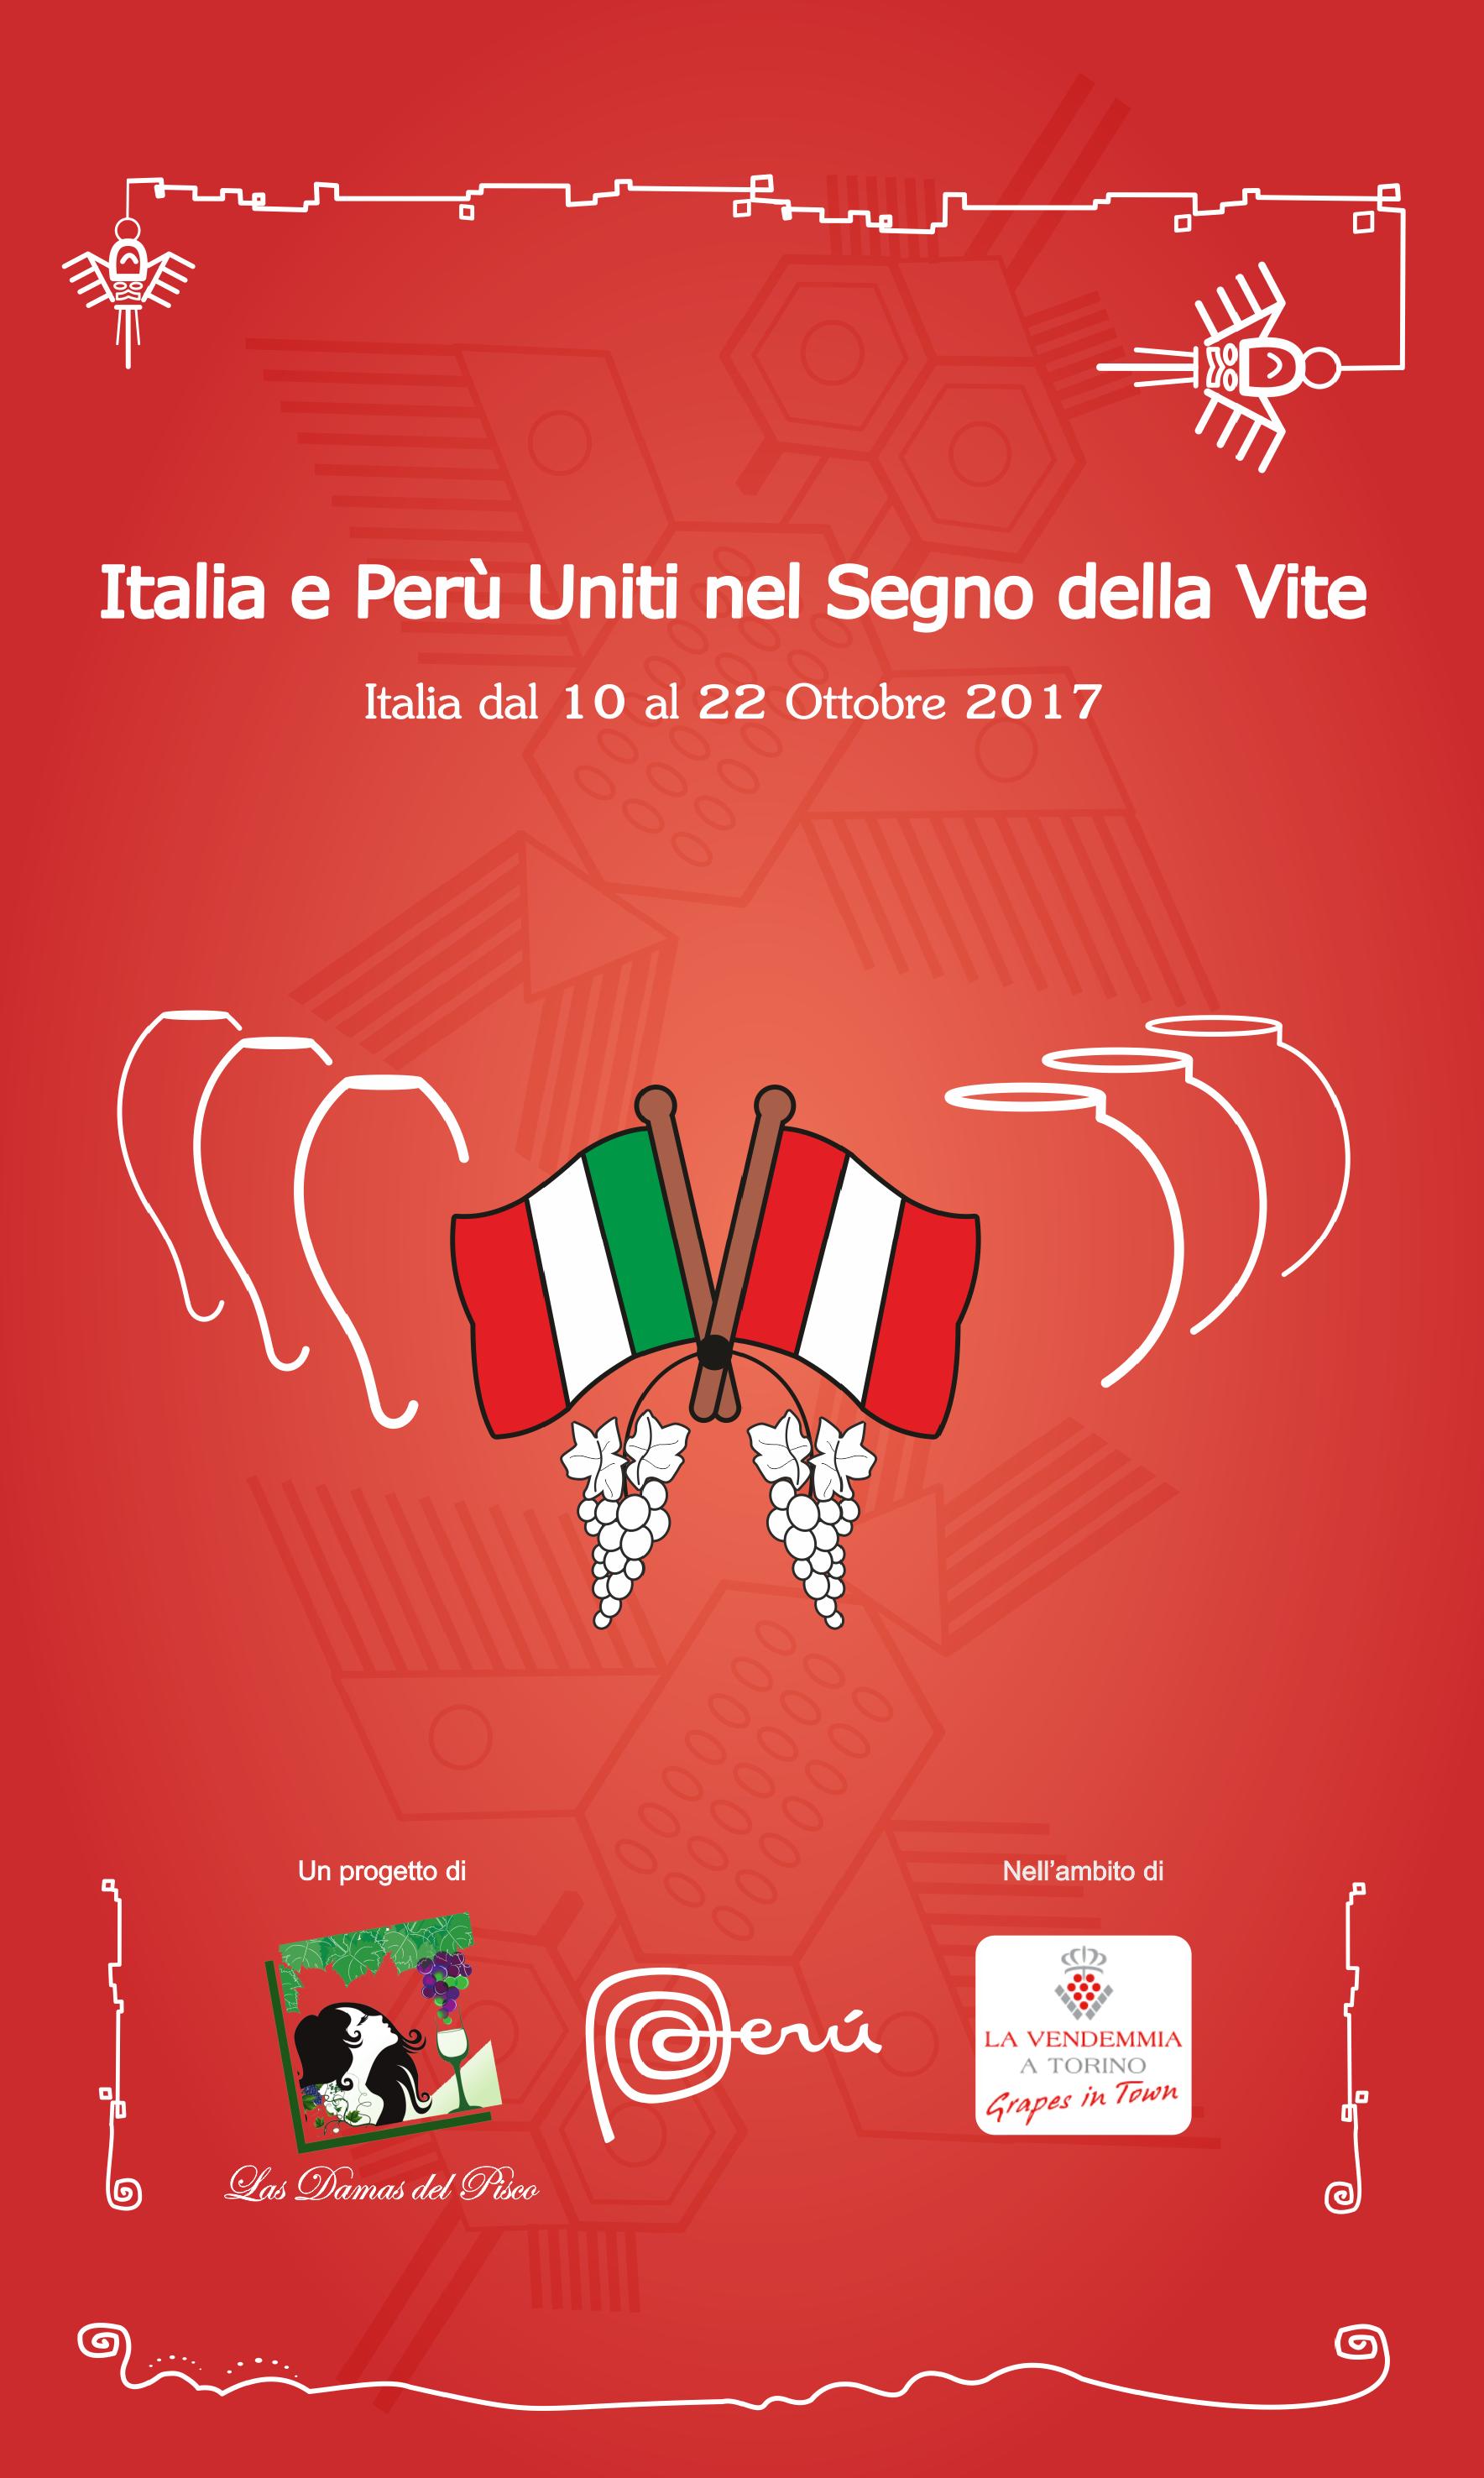 Italia Perù uniti nel segno della vite!